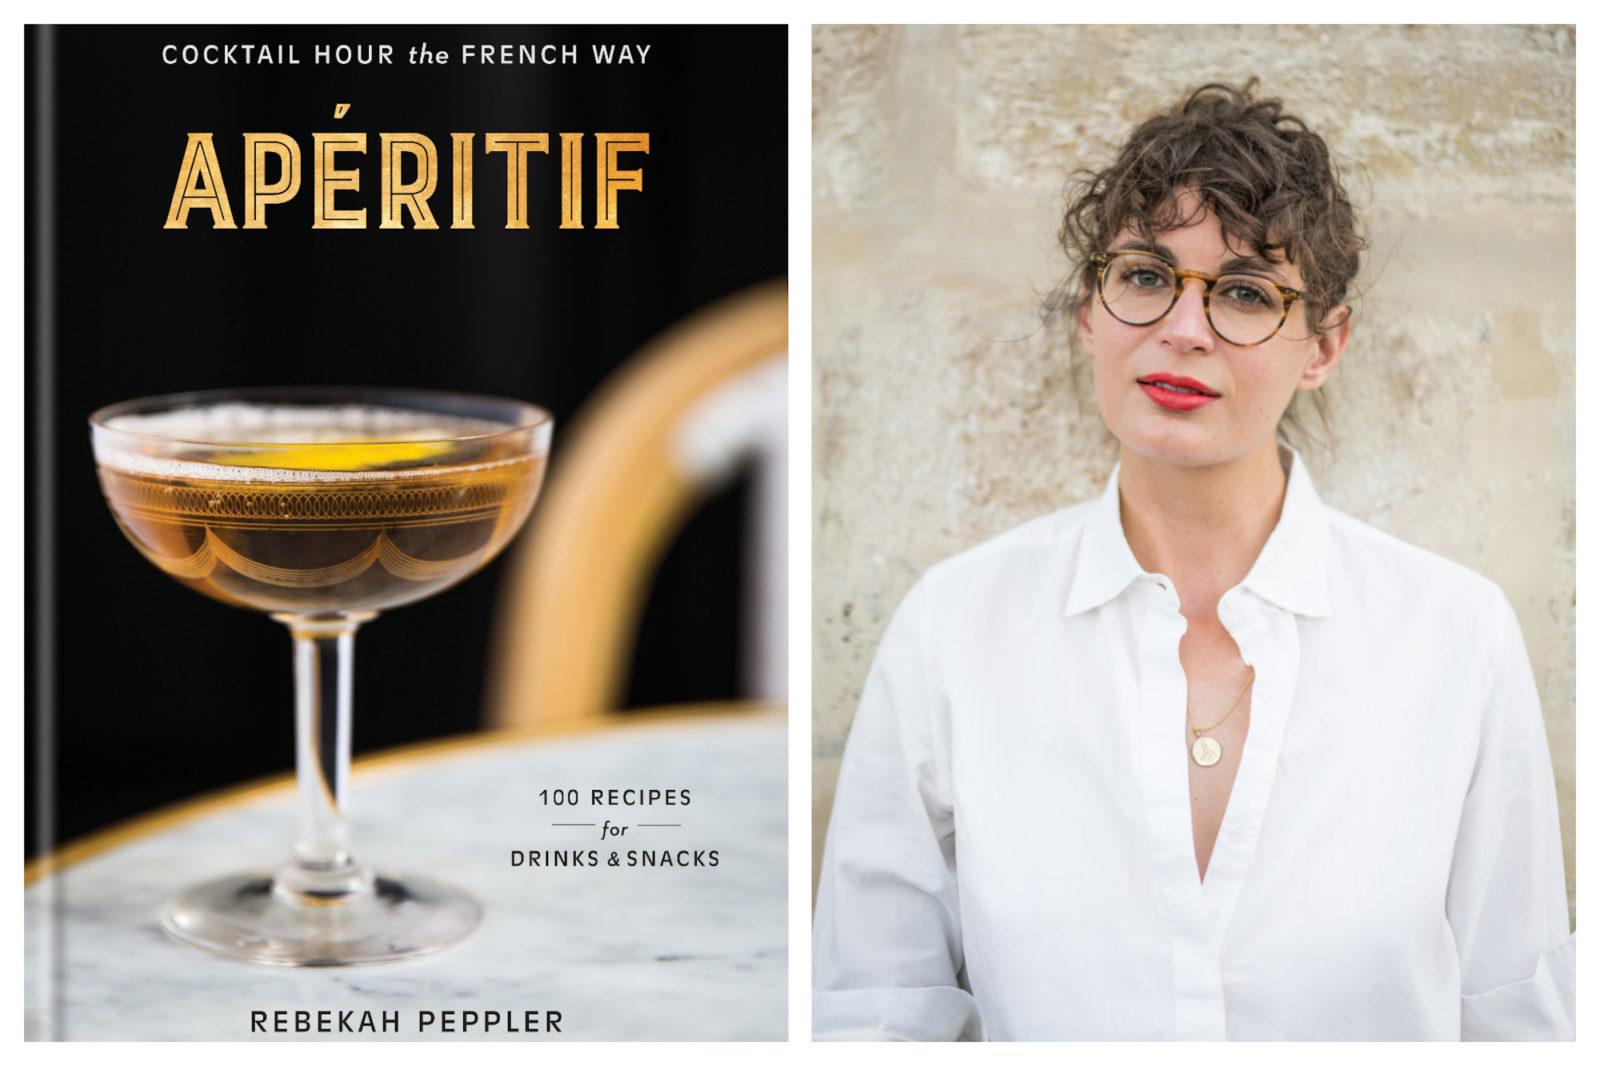 Rebekah Peppler Aperitif Book